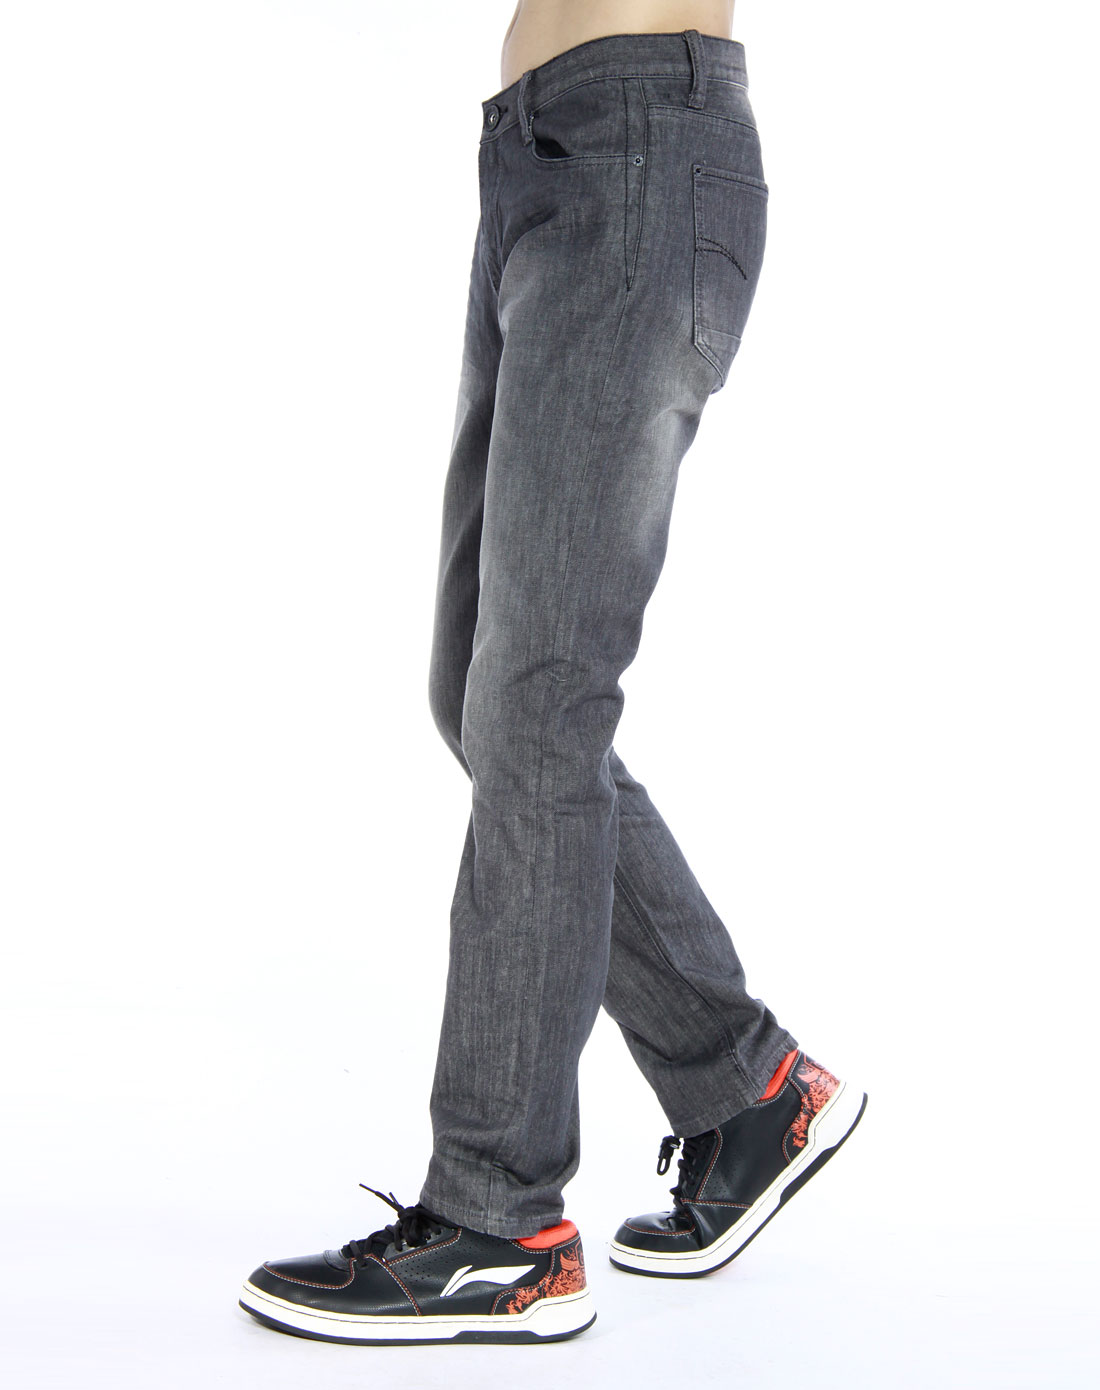 森马新款男装裤子图片及报价分享展示图片